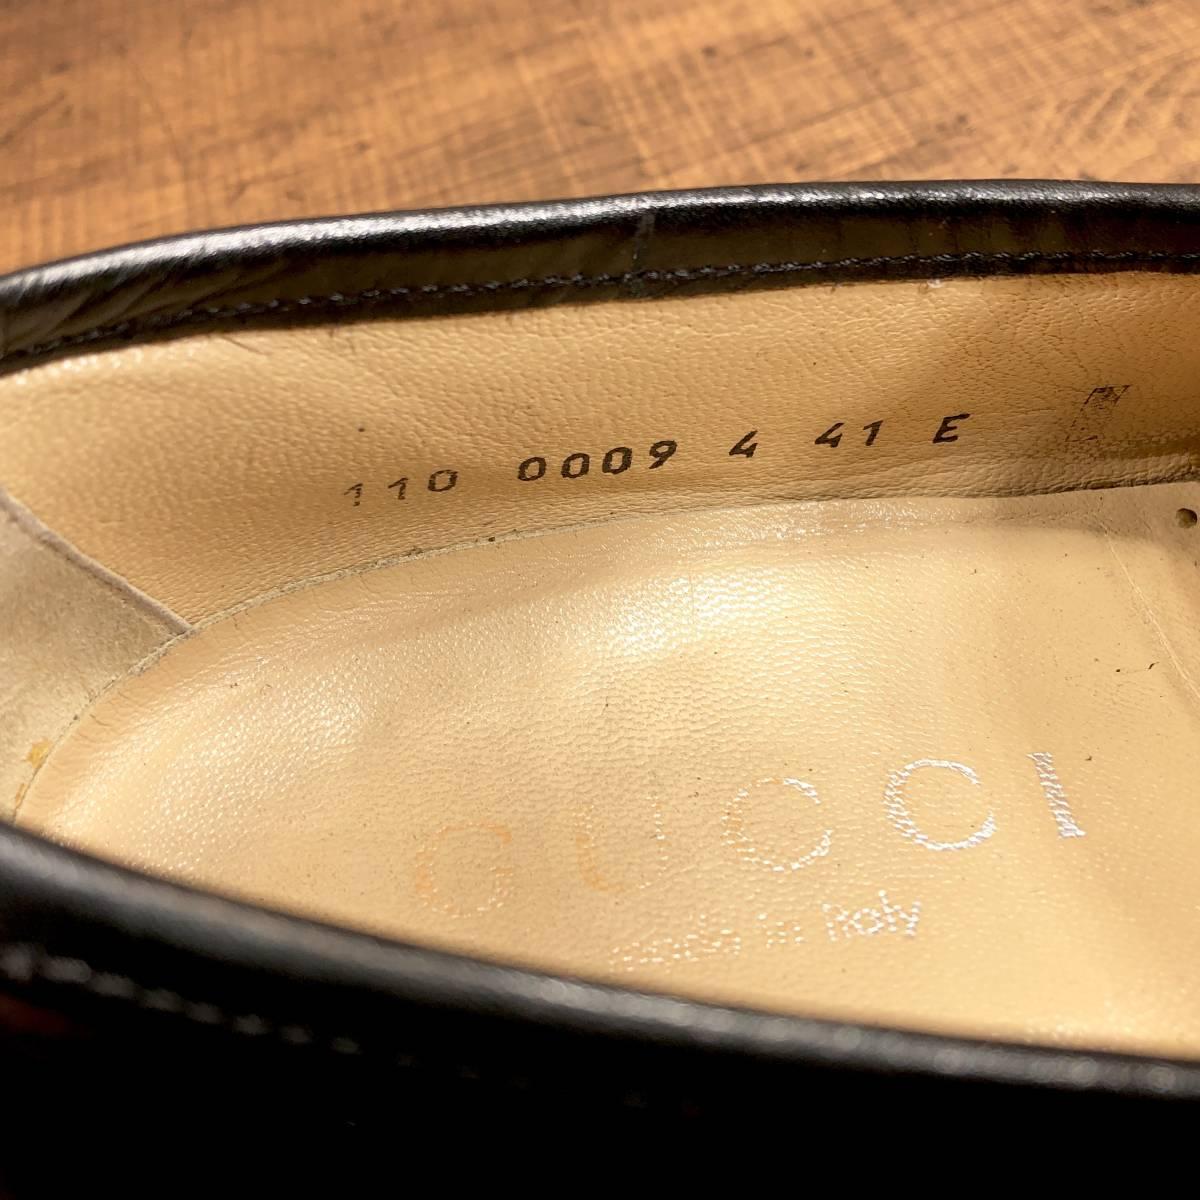 ■GUCCI■ 26cm 黒 ブラック グッチ ビットローファー メンズ 革靴 靴 本革 ビジネス ドレス くつ 即決_画像7